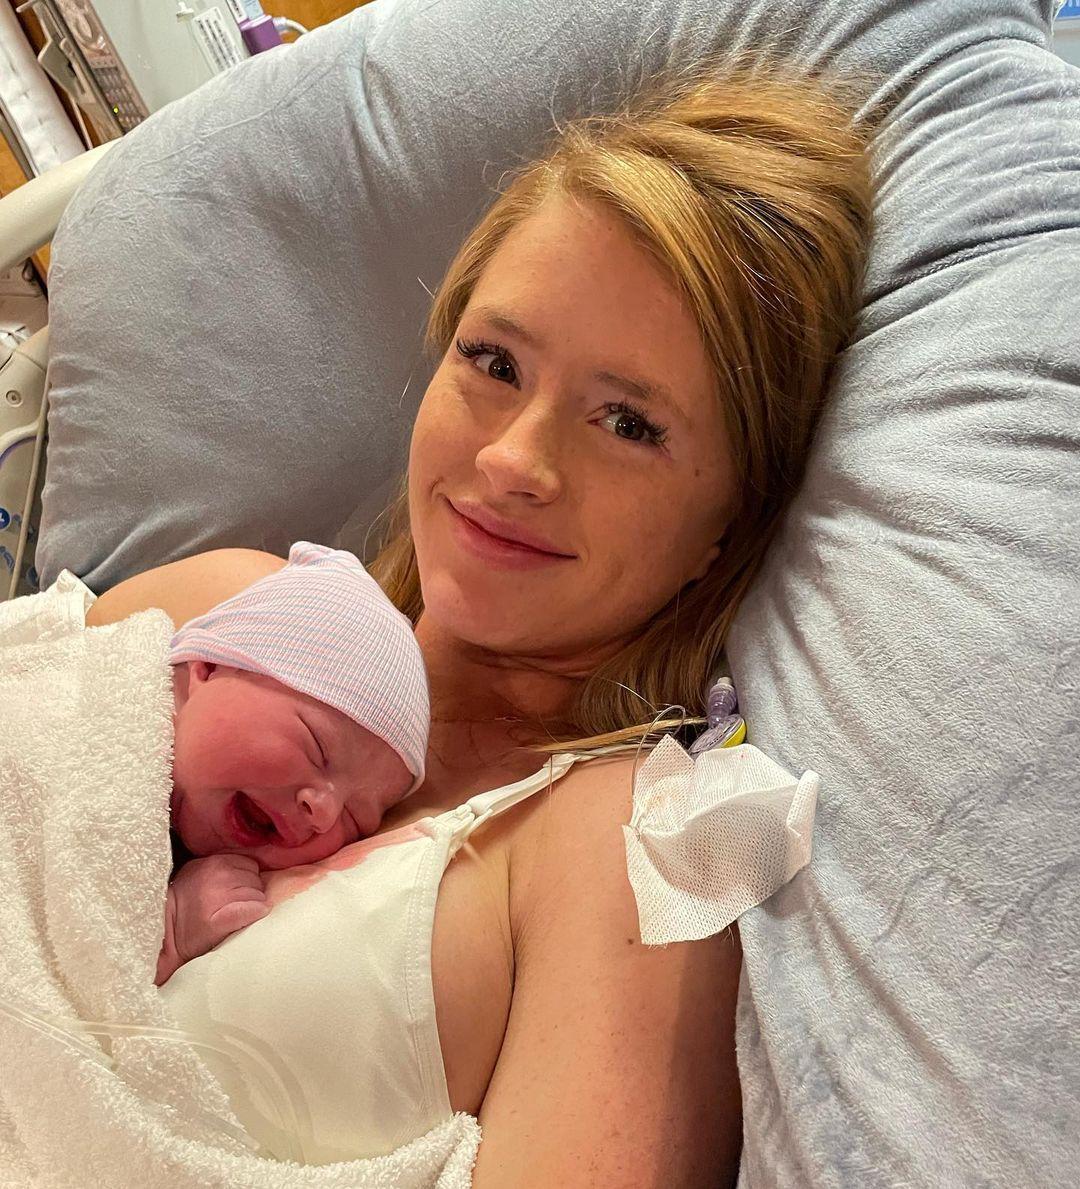 Tiësto is dad !! congratulations to parents :)